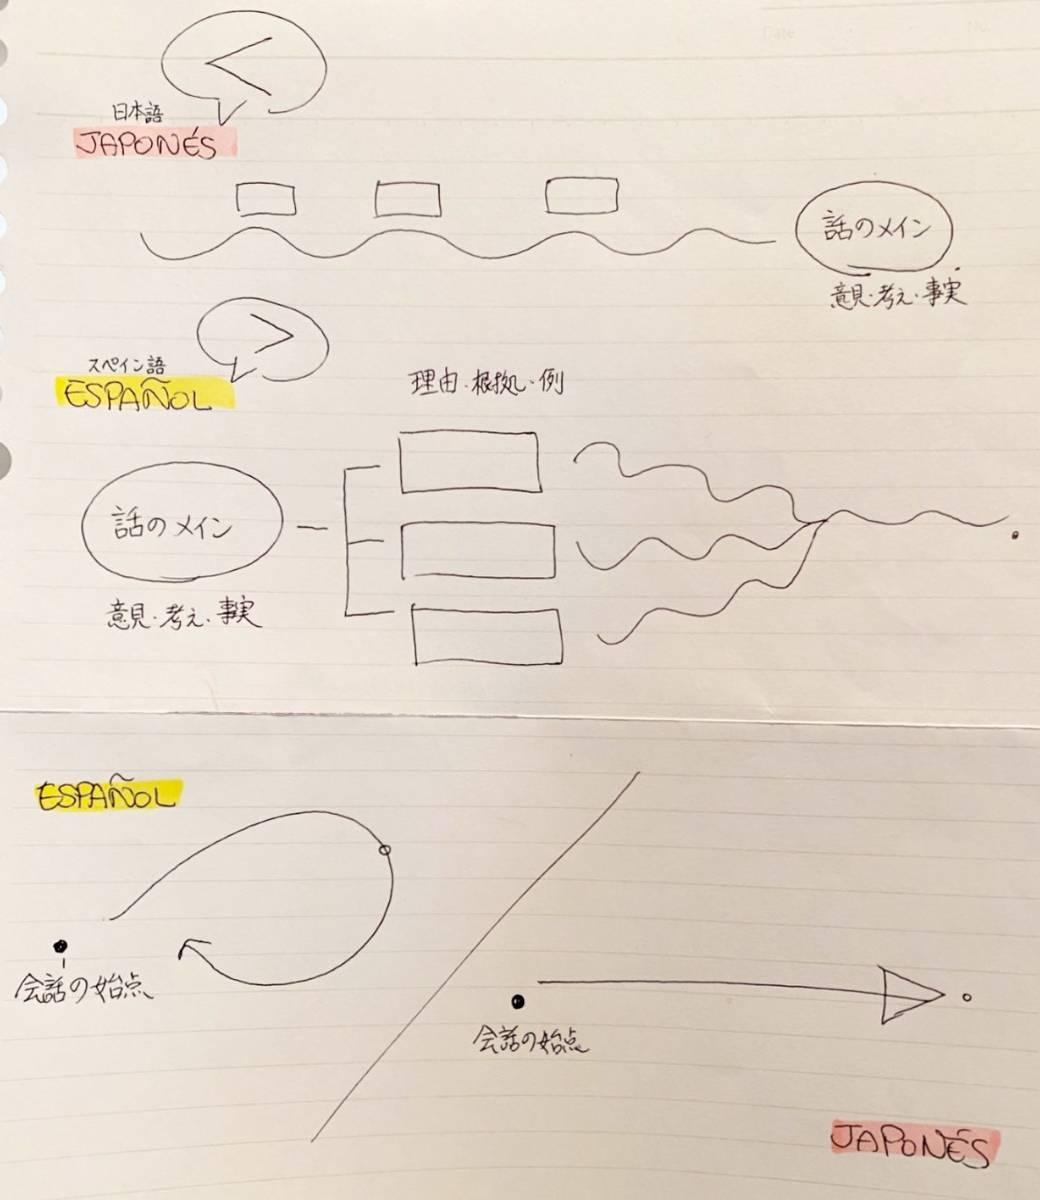 f:id:kaedetaniyoshi:20210518224407j:plain